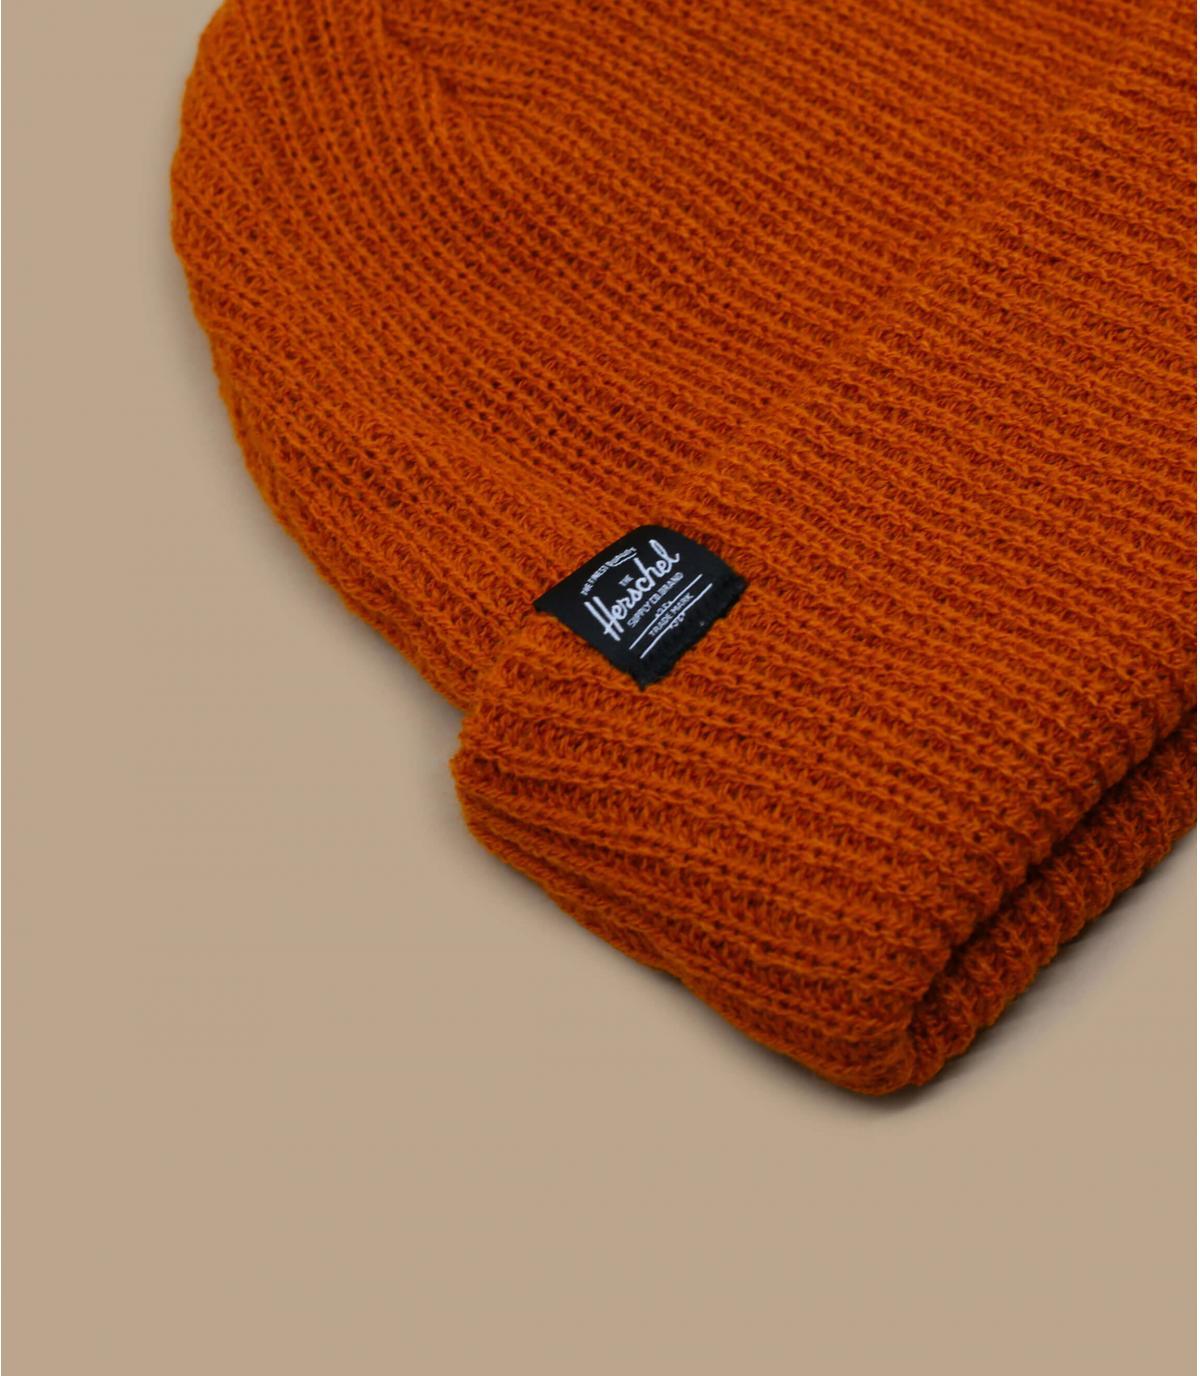 Detalles Watch pumpkin spice imagen 3